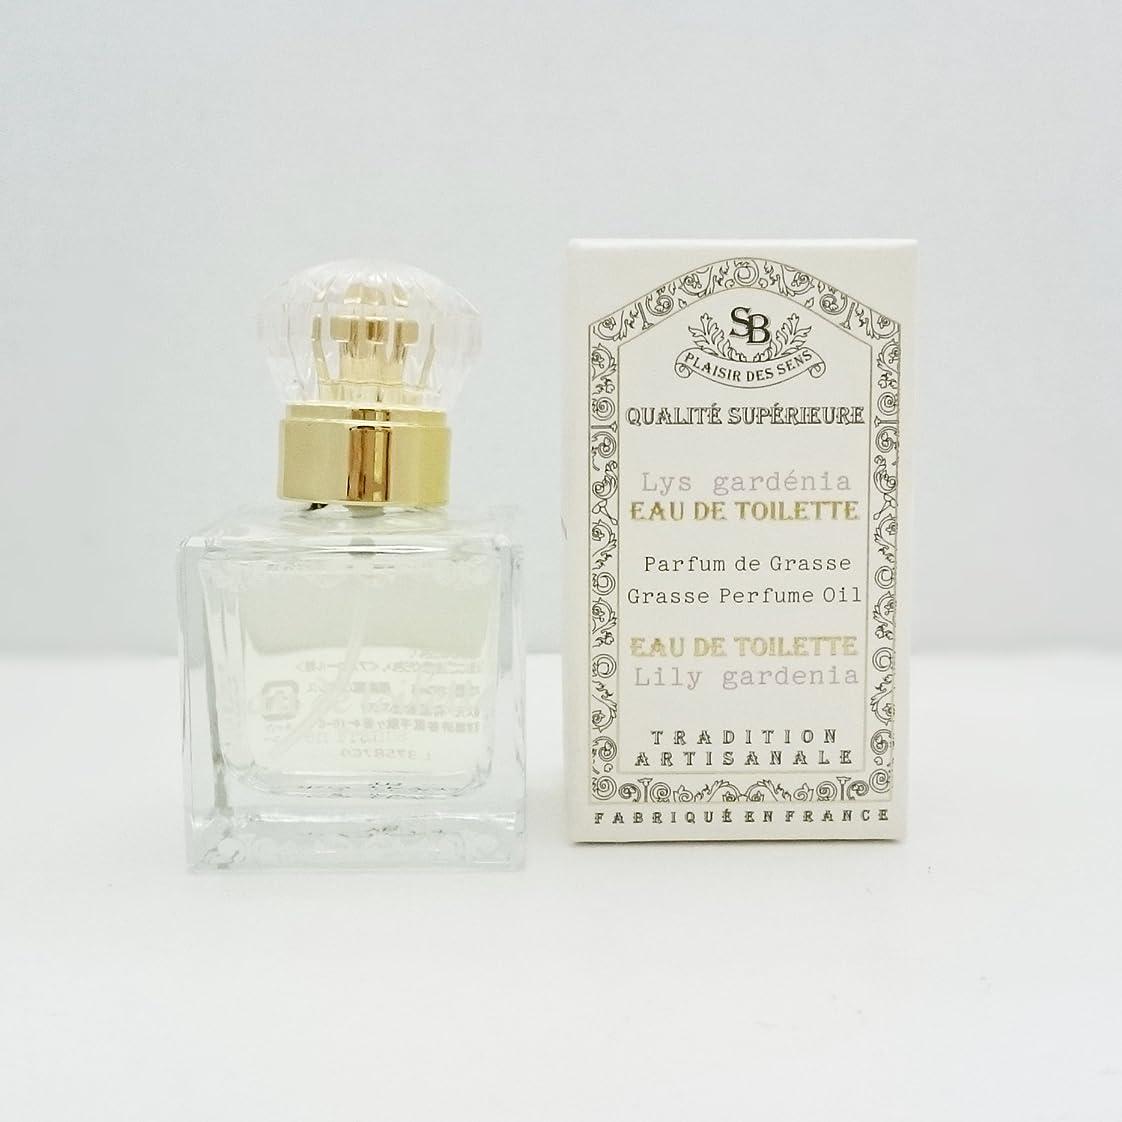 めったに世界に死んだ財布Senteur et Beaute(サンタールエボーテ) フレンチクラシックシリーズ オードトワレ 30ml 「リリーガーデニア」 4994228021915